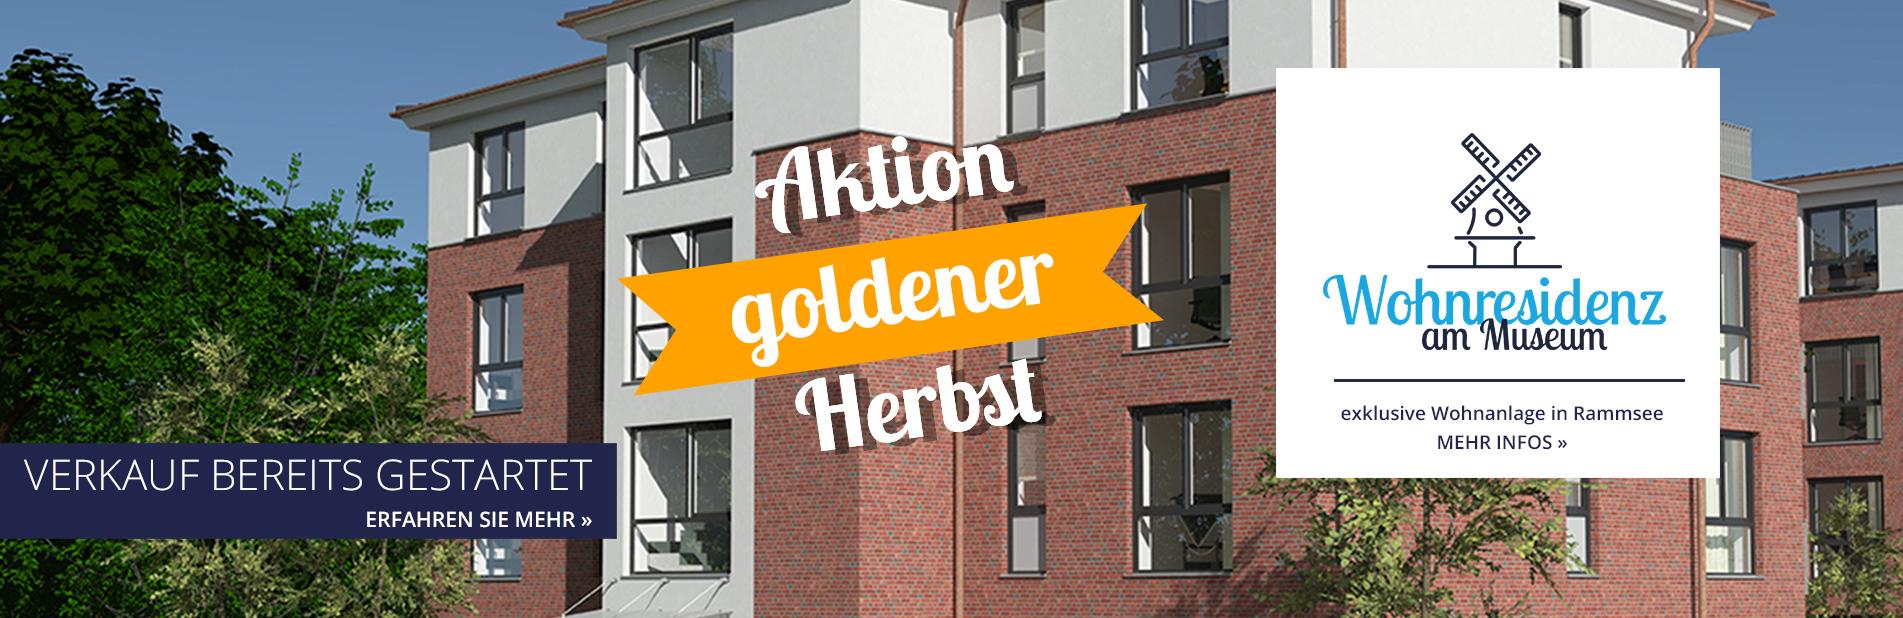 hero_start_wram_goldener-herbst.jpg